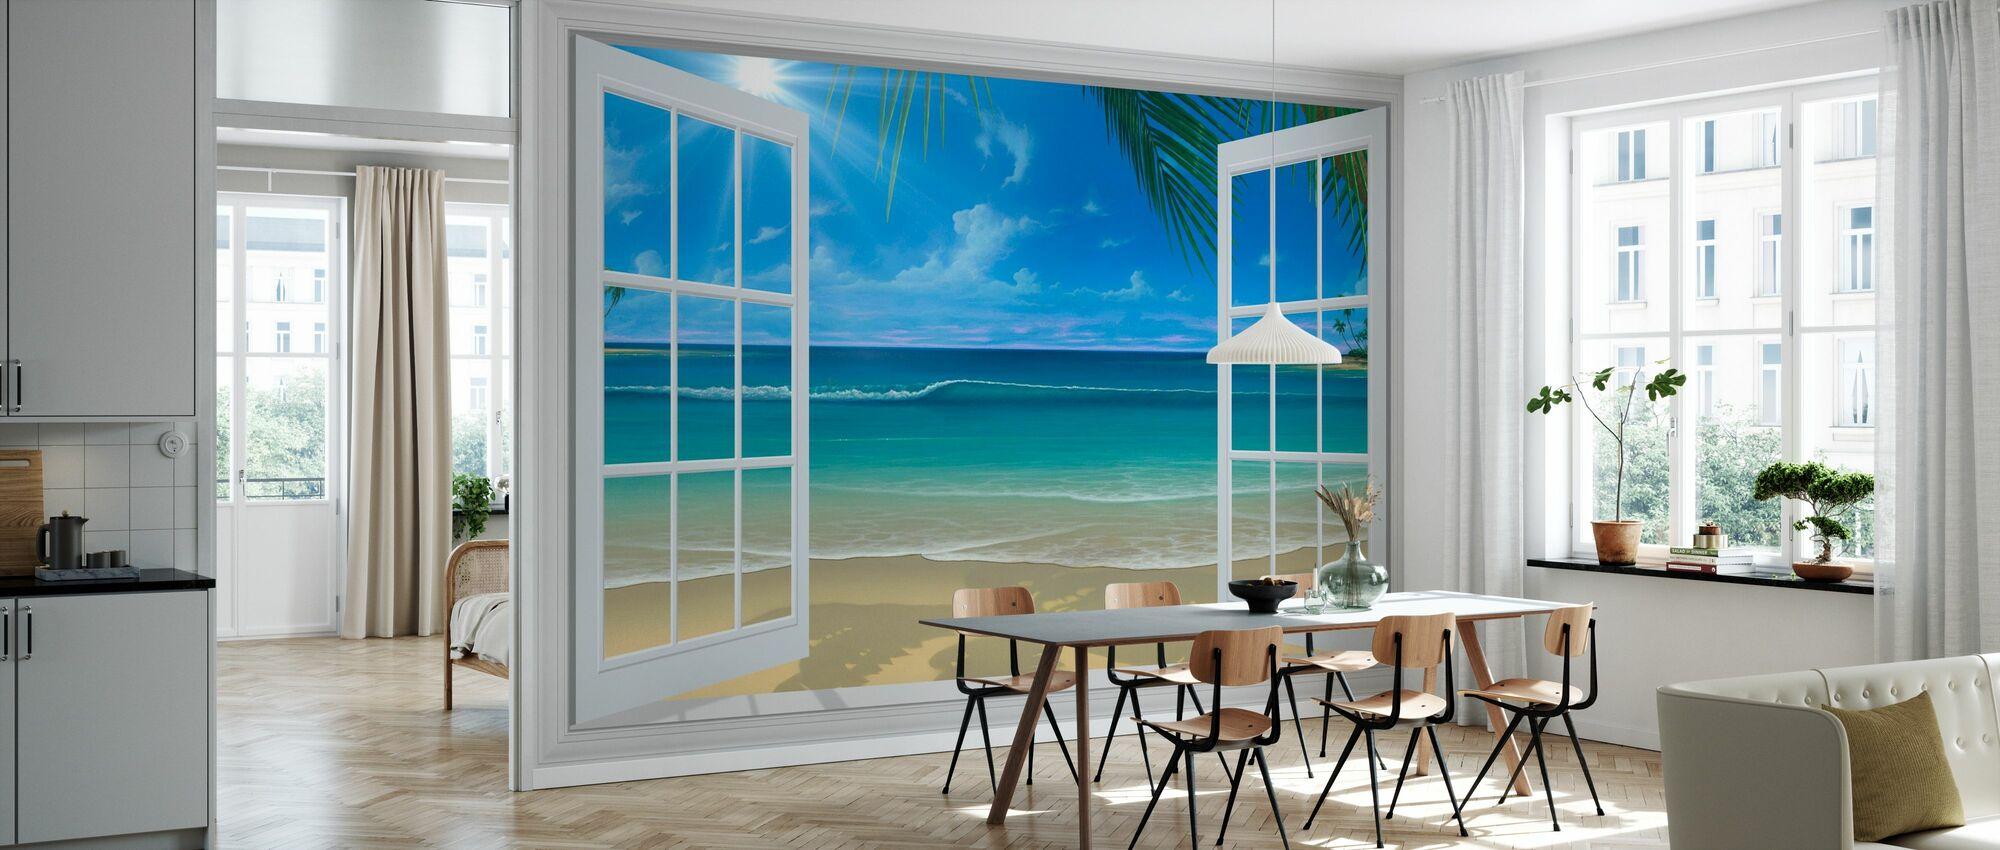 Solskinn gjennom vinduet - Tapet - Kjøkken